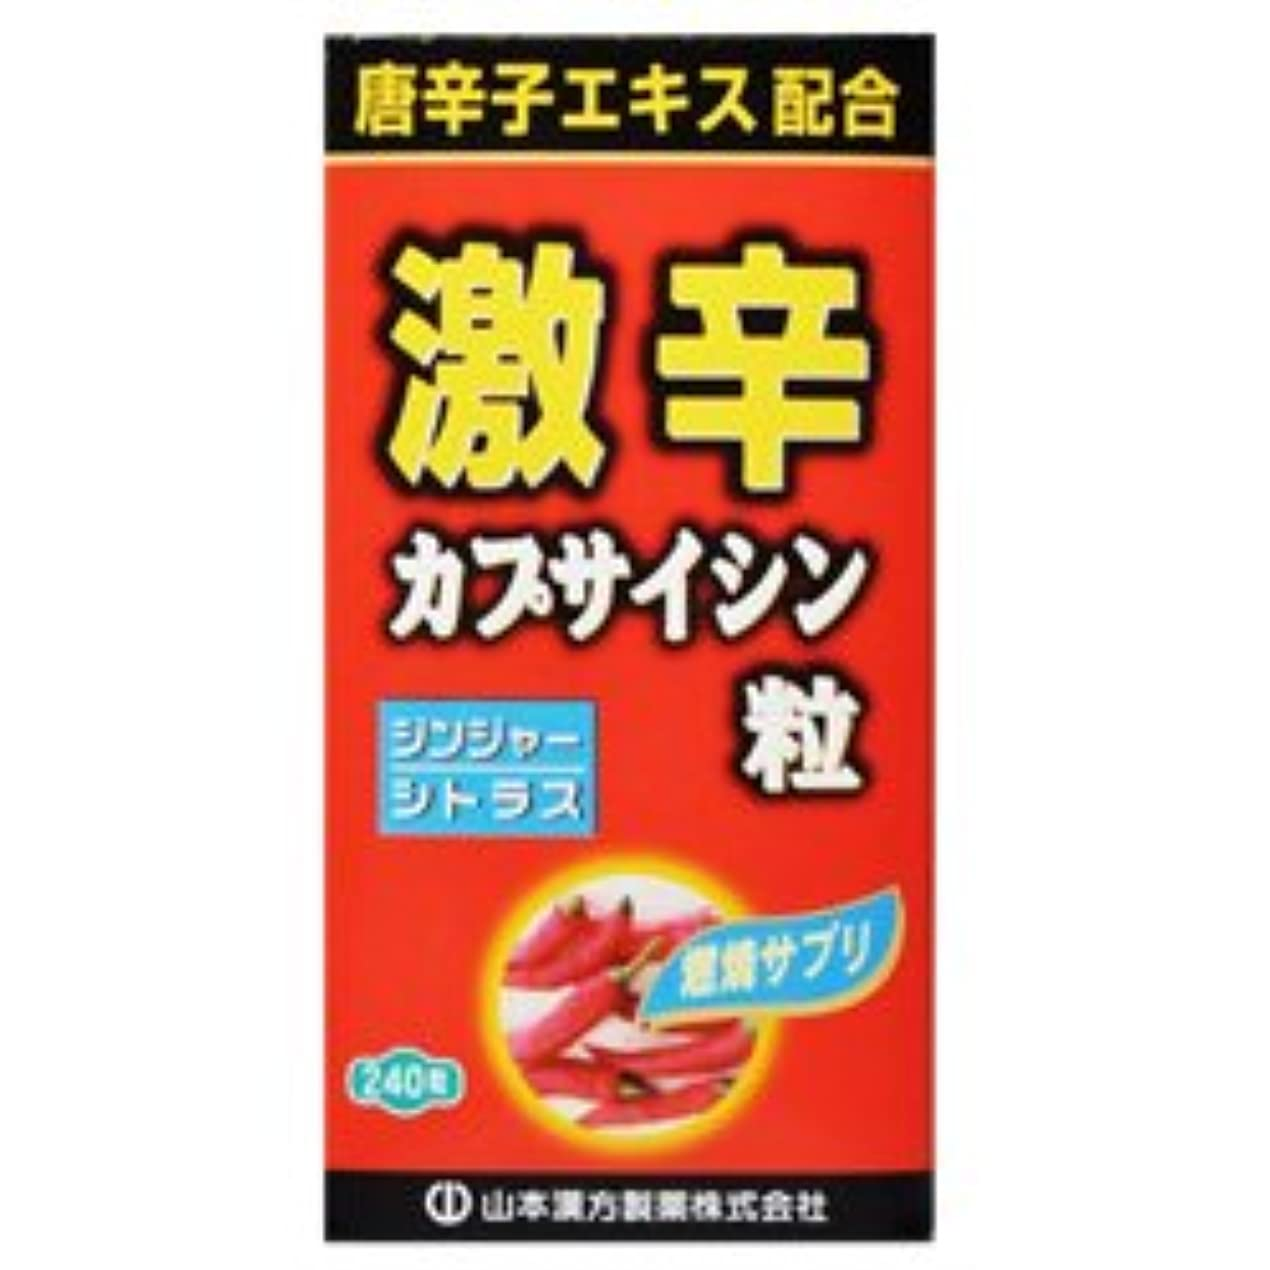 参加者憂慮すべき噴出する【山本漢方製薬】激辛 カプサイシン粒 240粒 ×5個セット